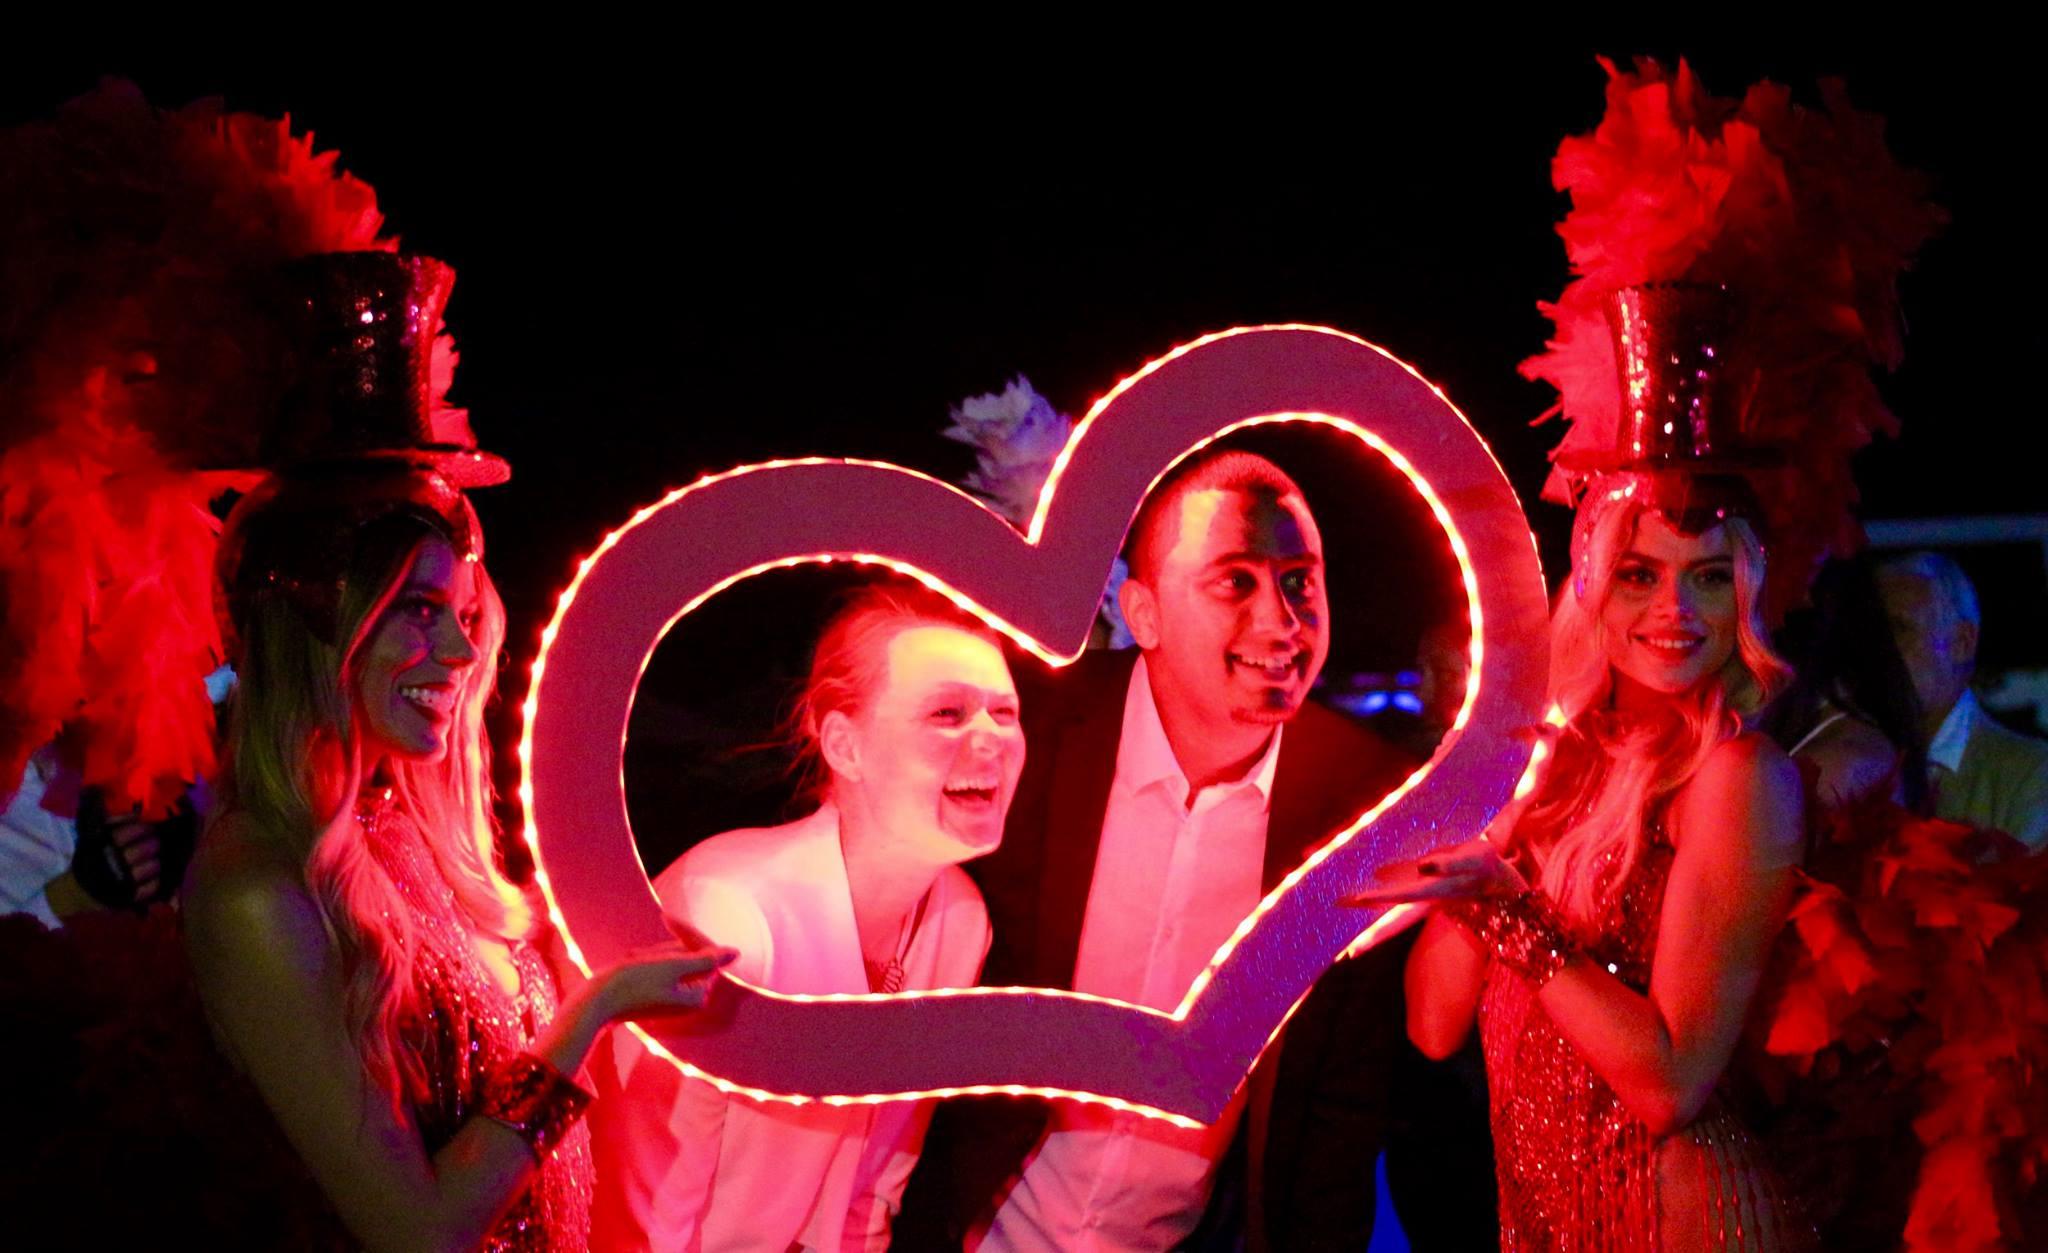 Cape Verde - Red Showgirls - LED Heart Photo Frame Heart - 1.jpg